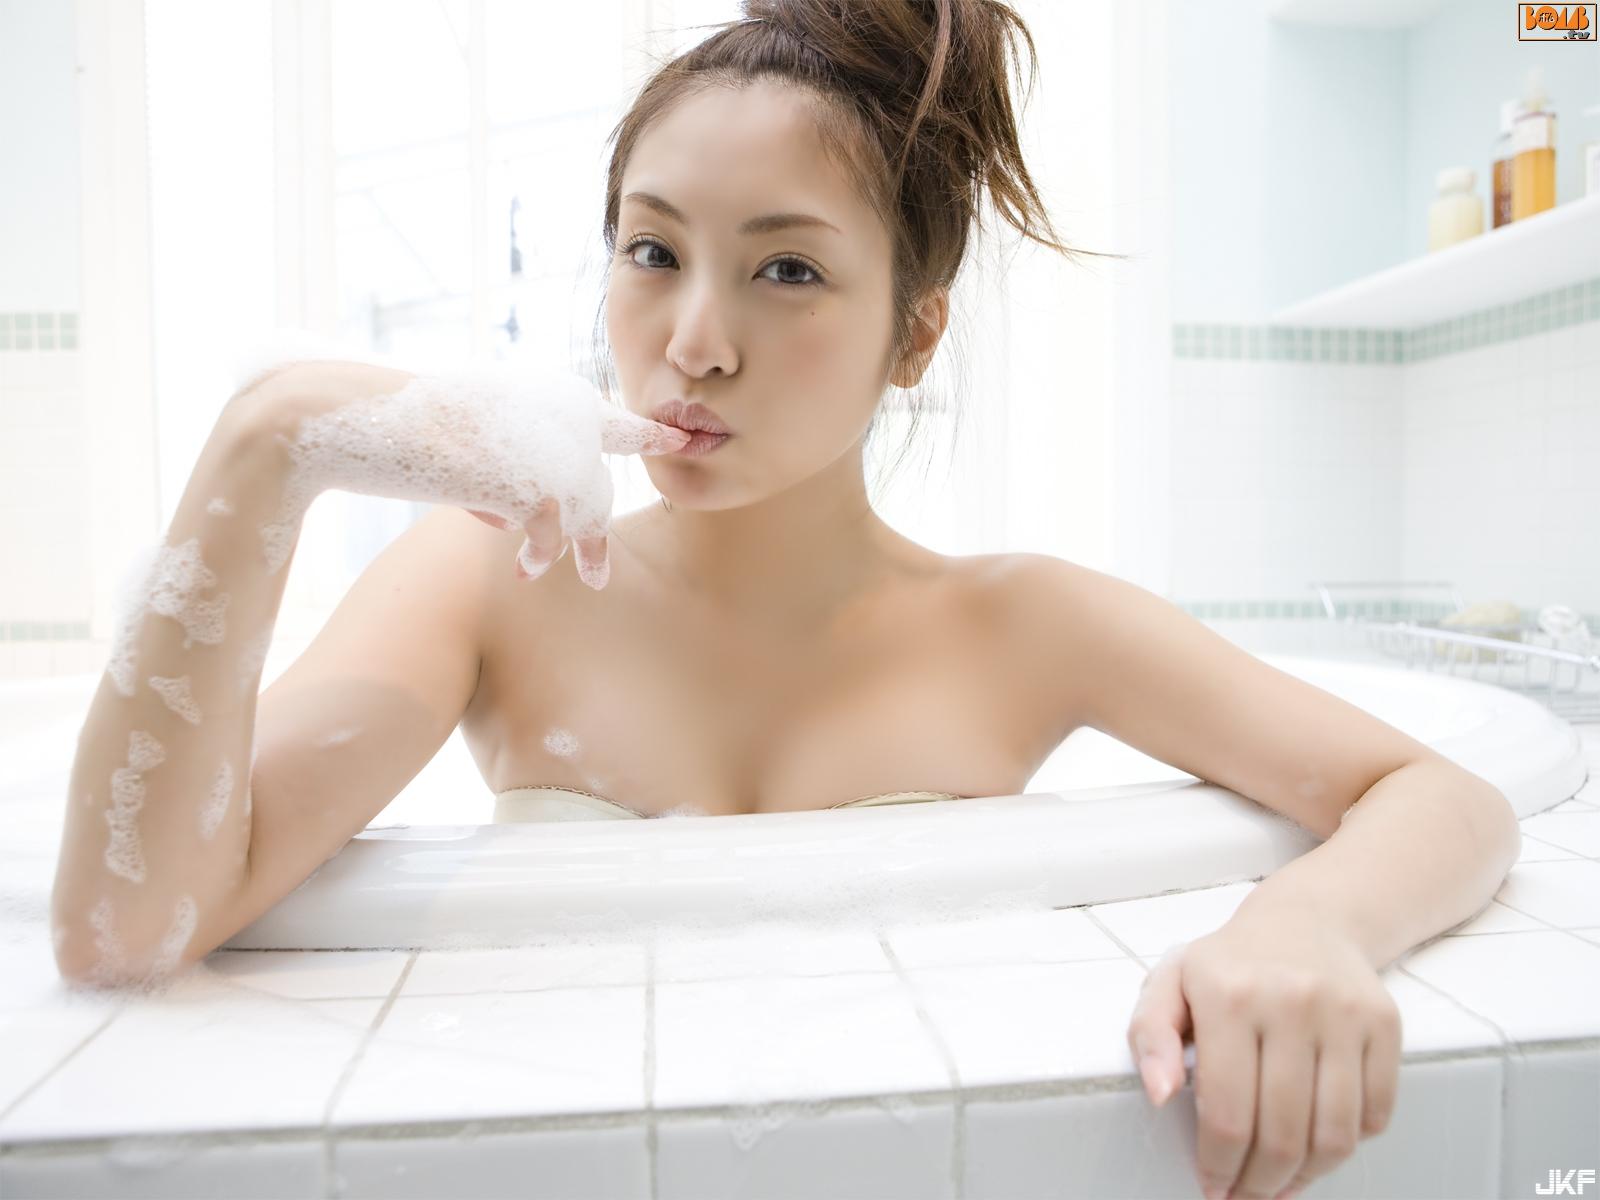 tatsumi-natsuko-863195.jpg